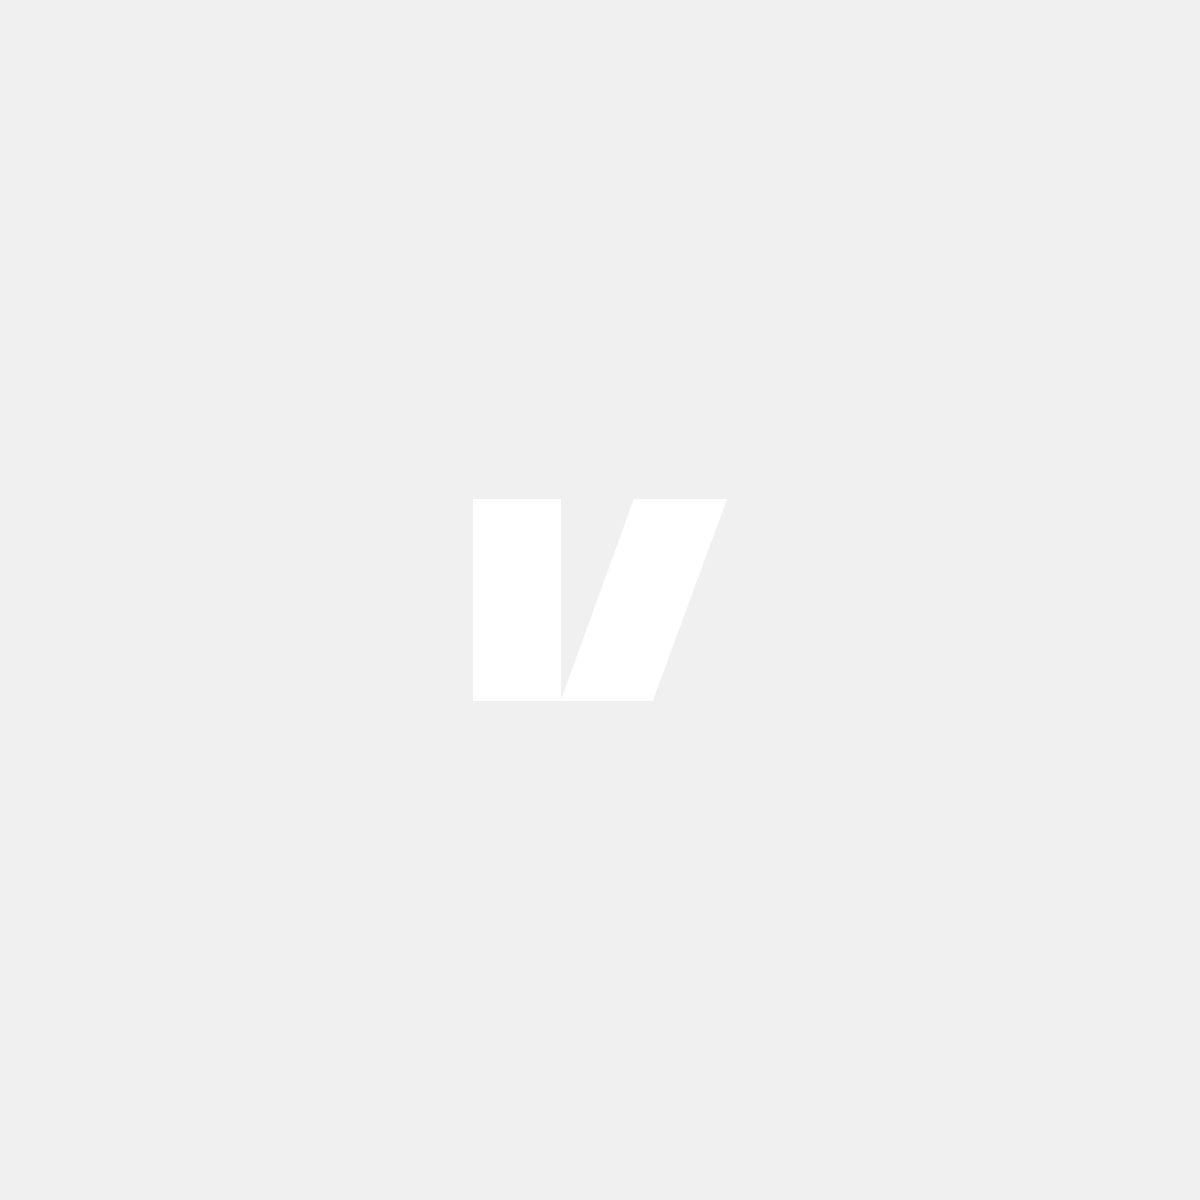 Blanksvarta backspegelkåpor till Volvo S60, V60